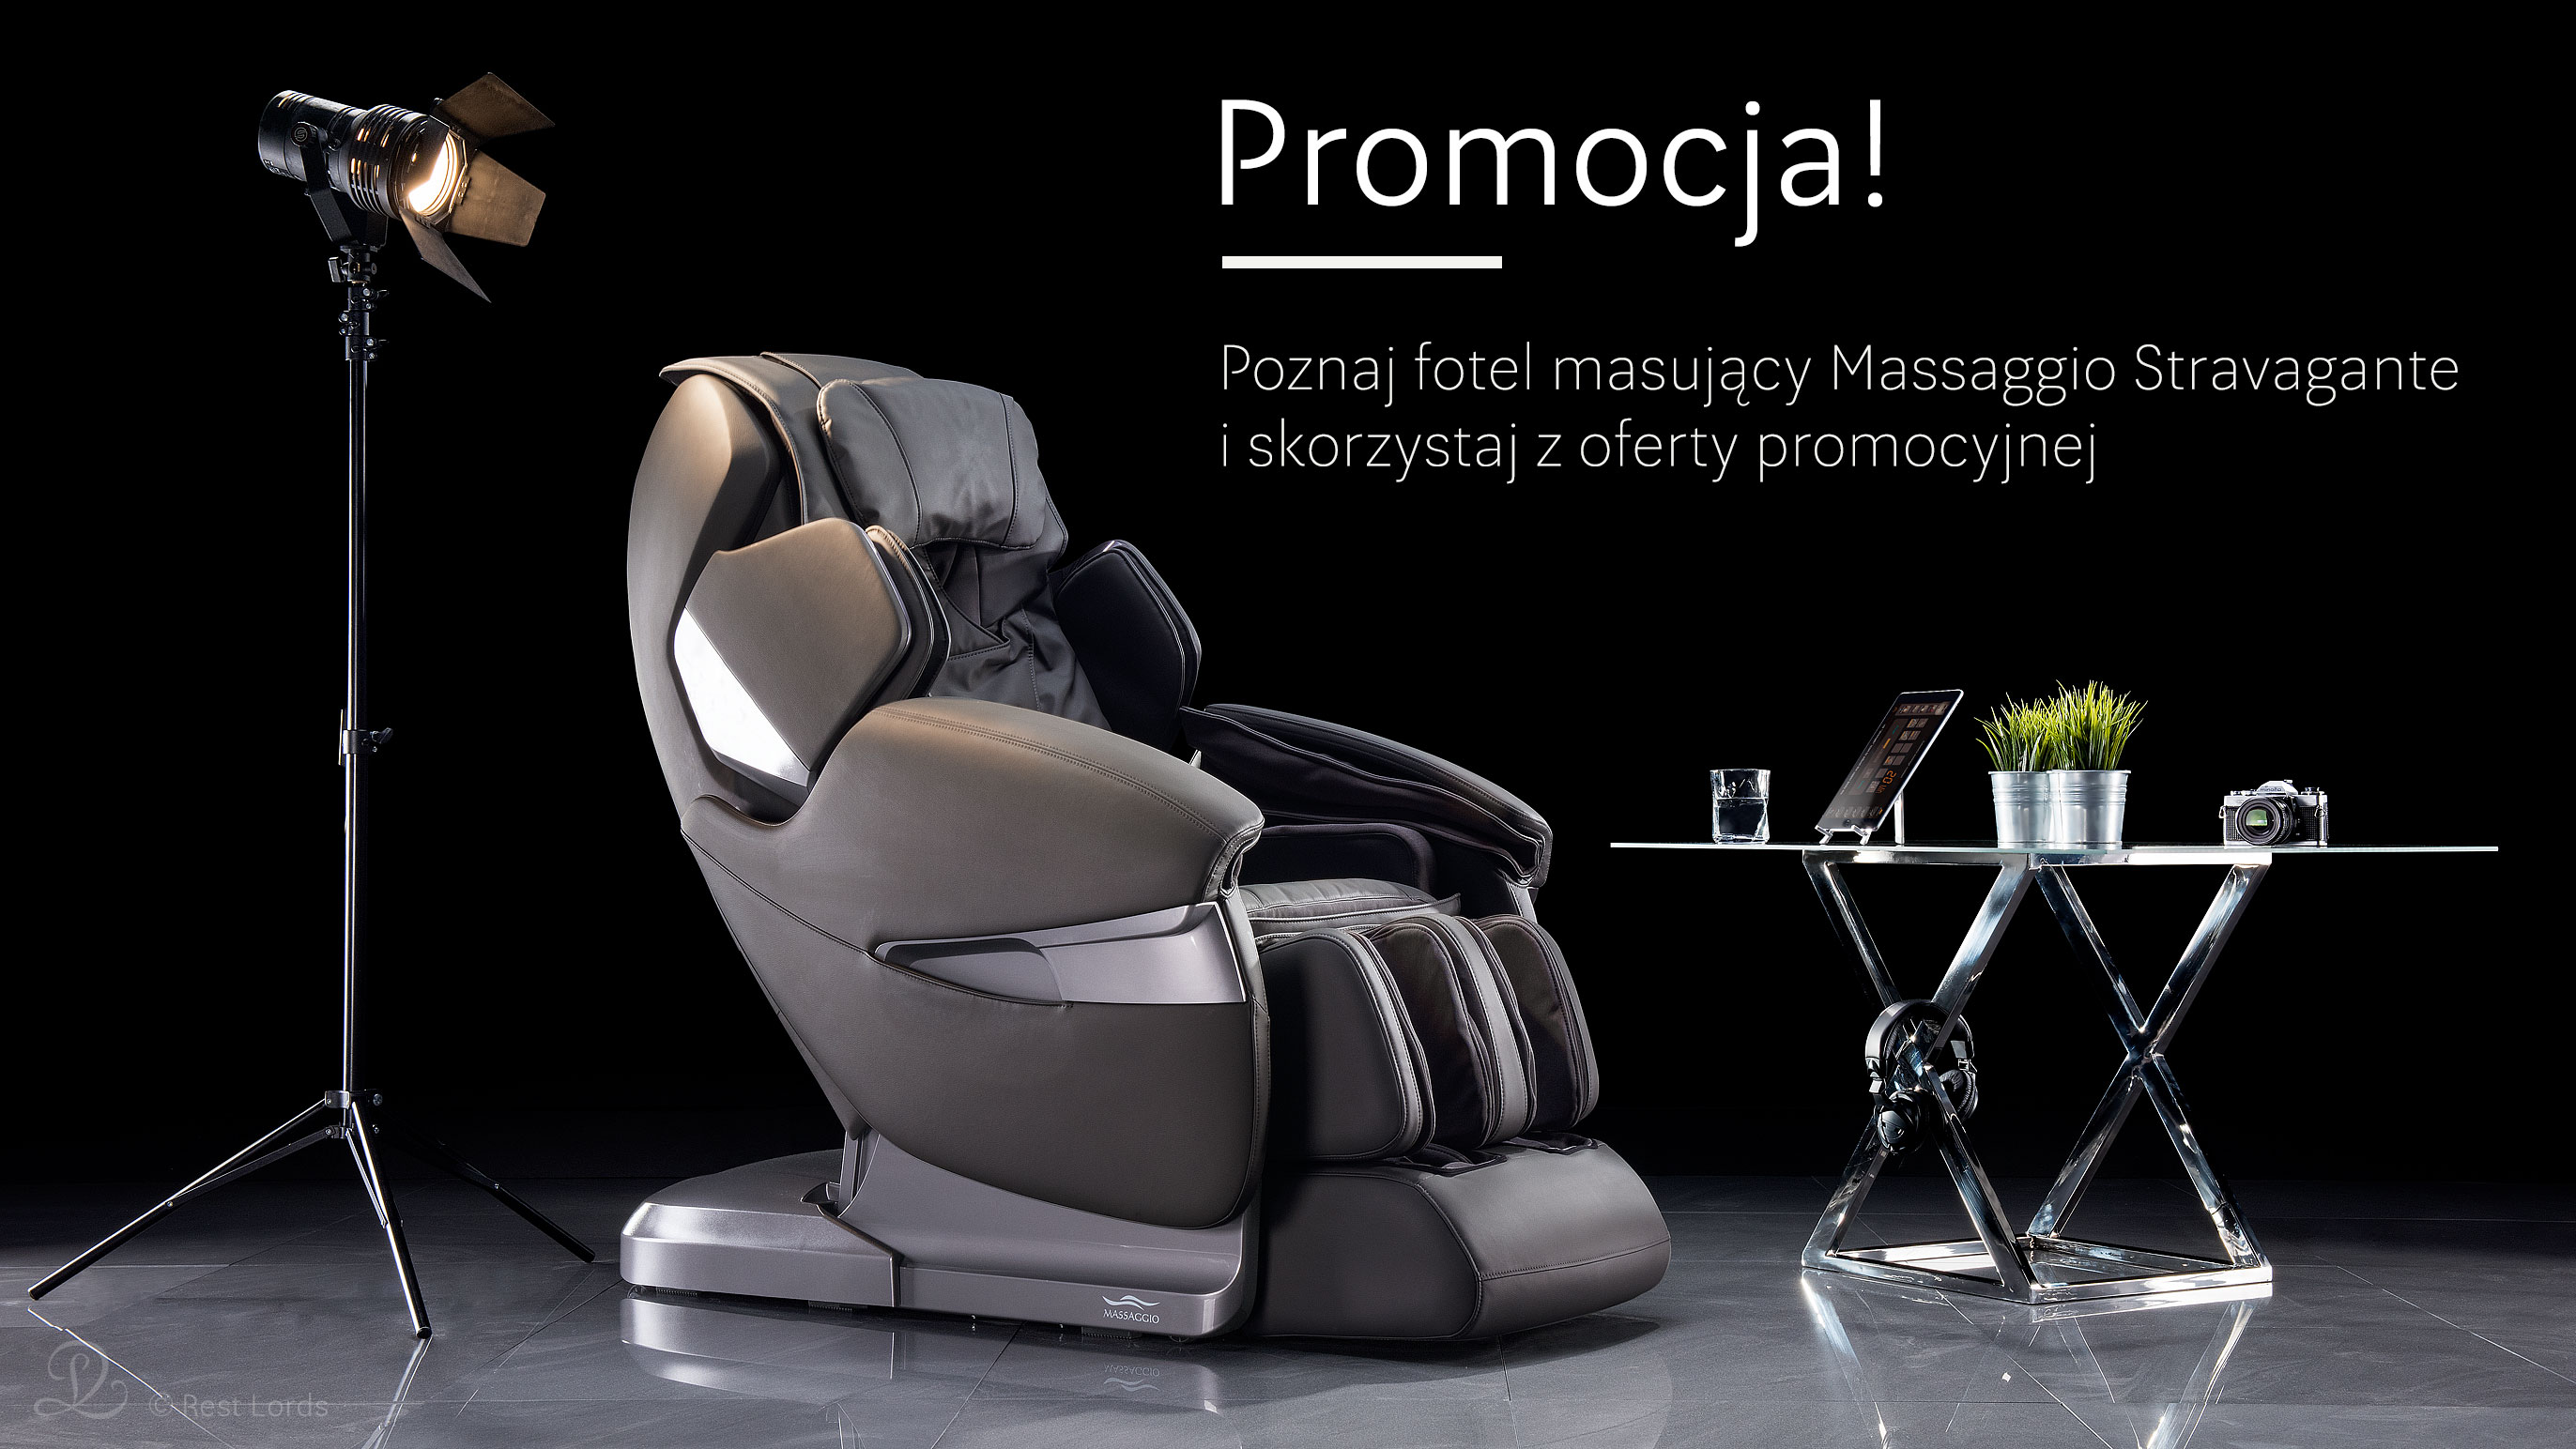 Oferta promocyjna Fotel masujący Massaggio Stravagante promocja wyprzedaż